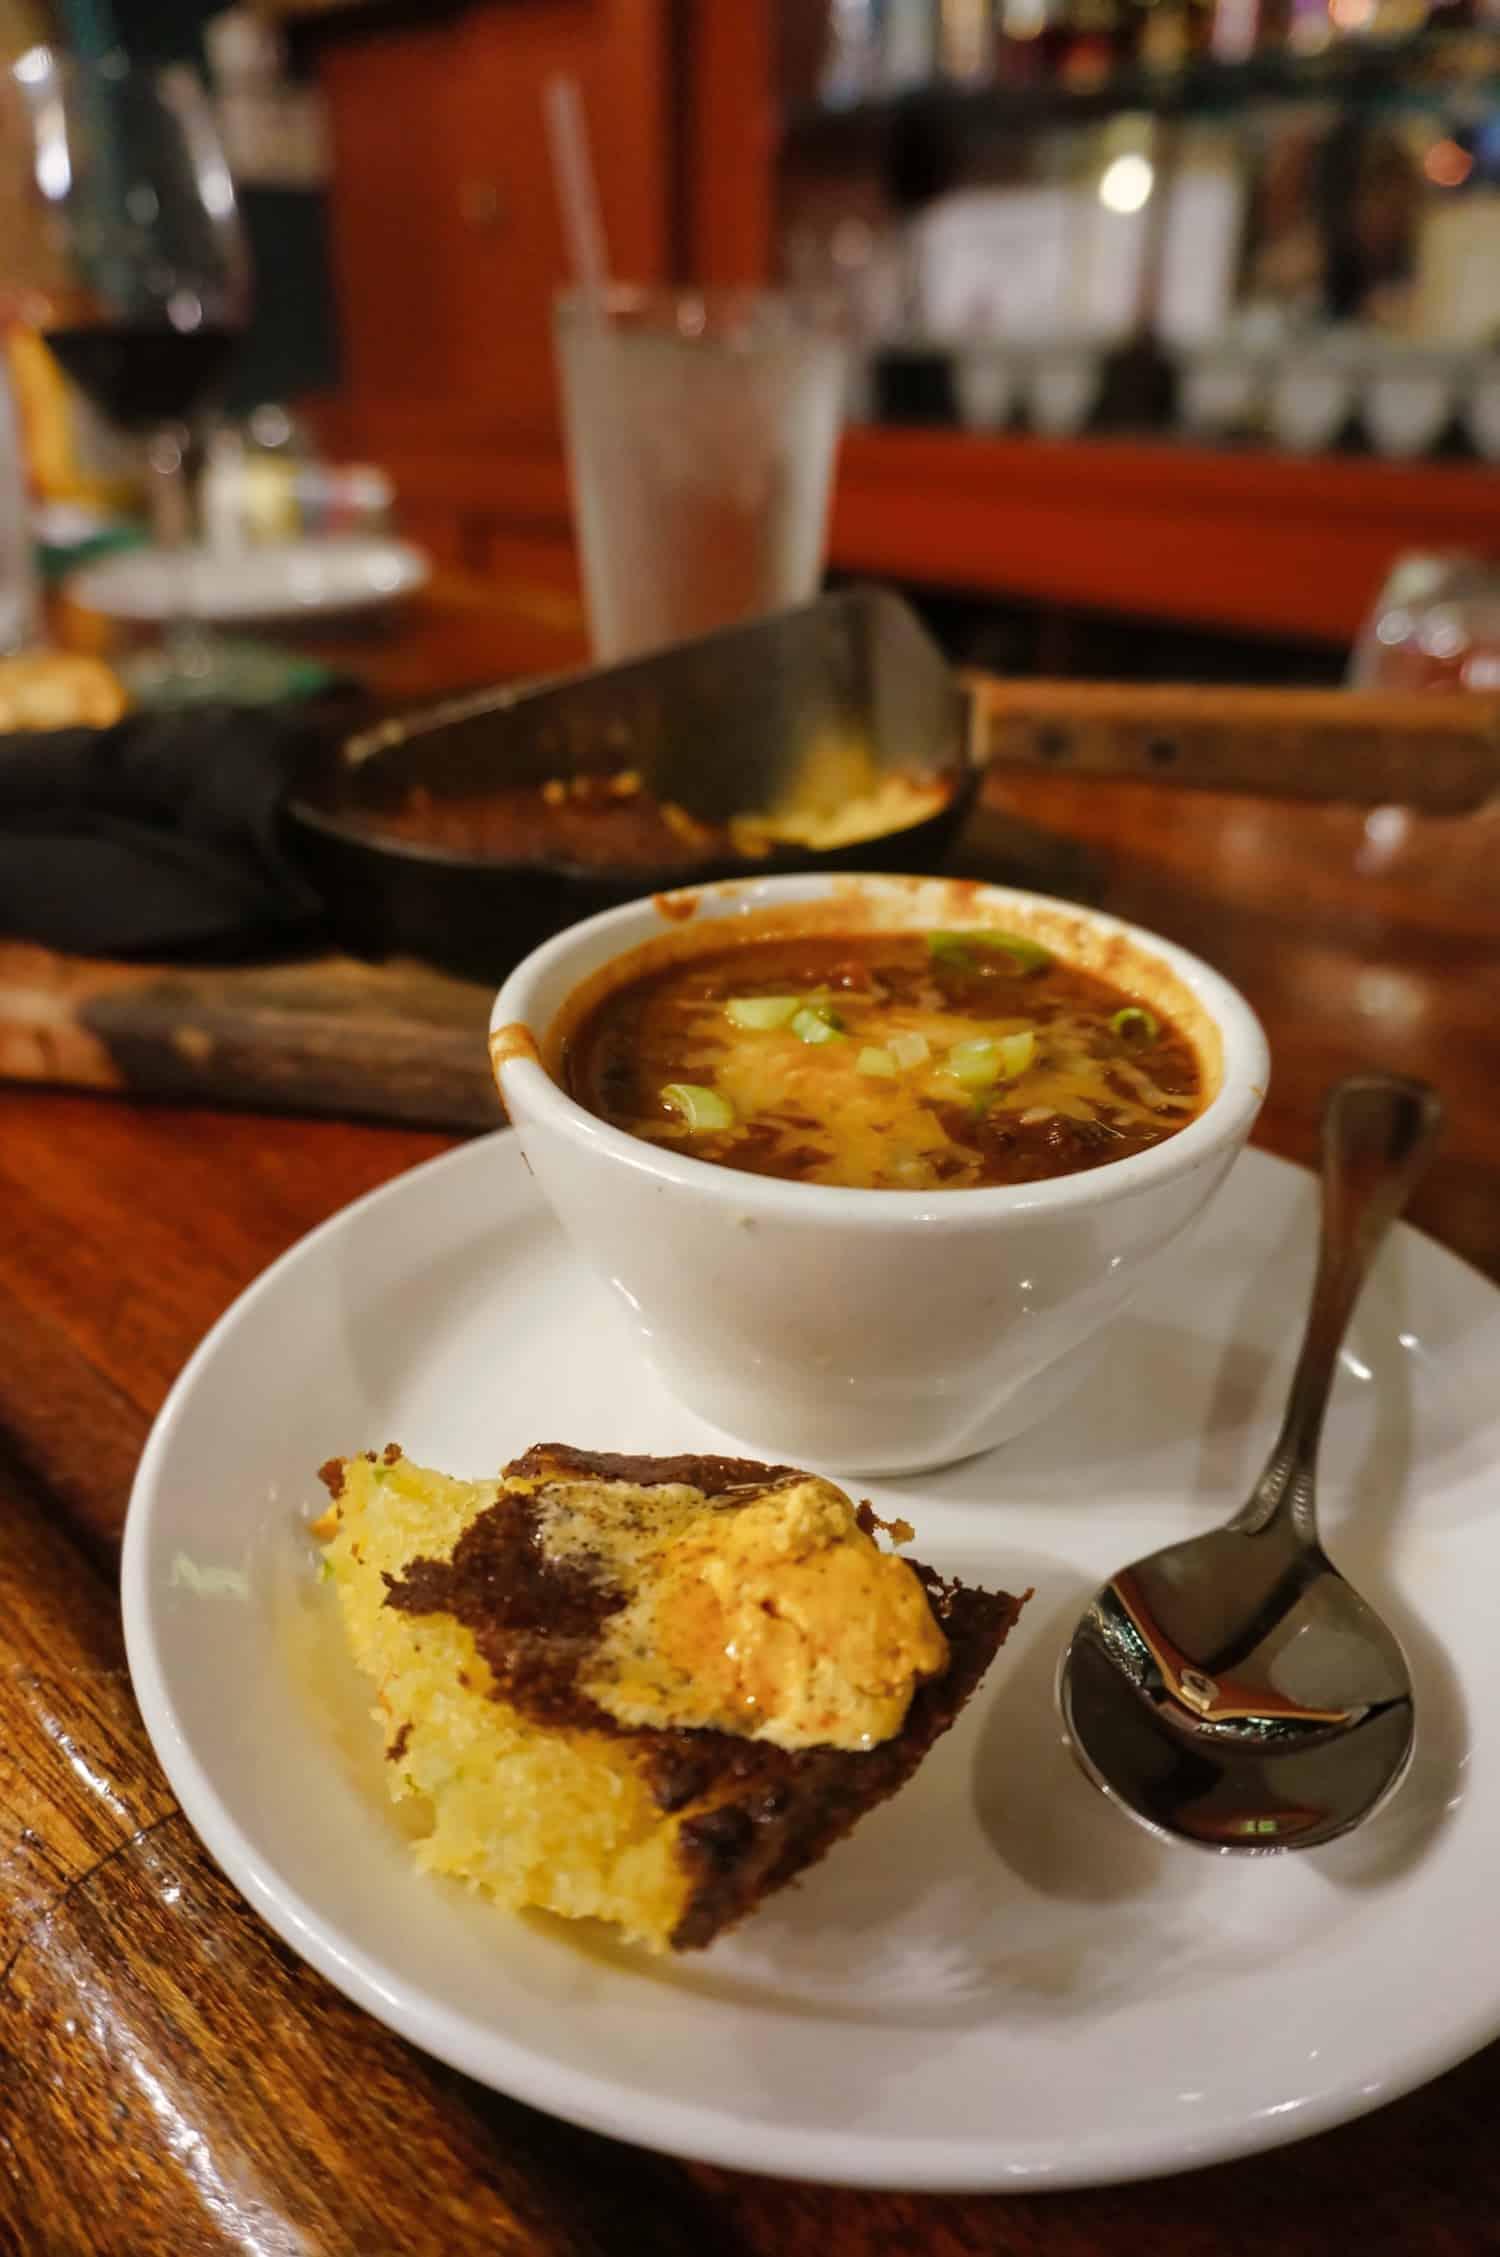 Sedona Food - Cowboy Food